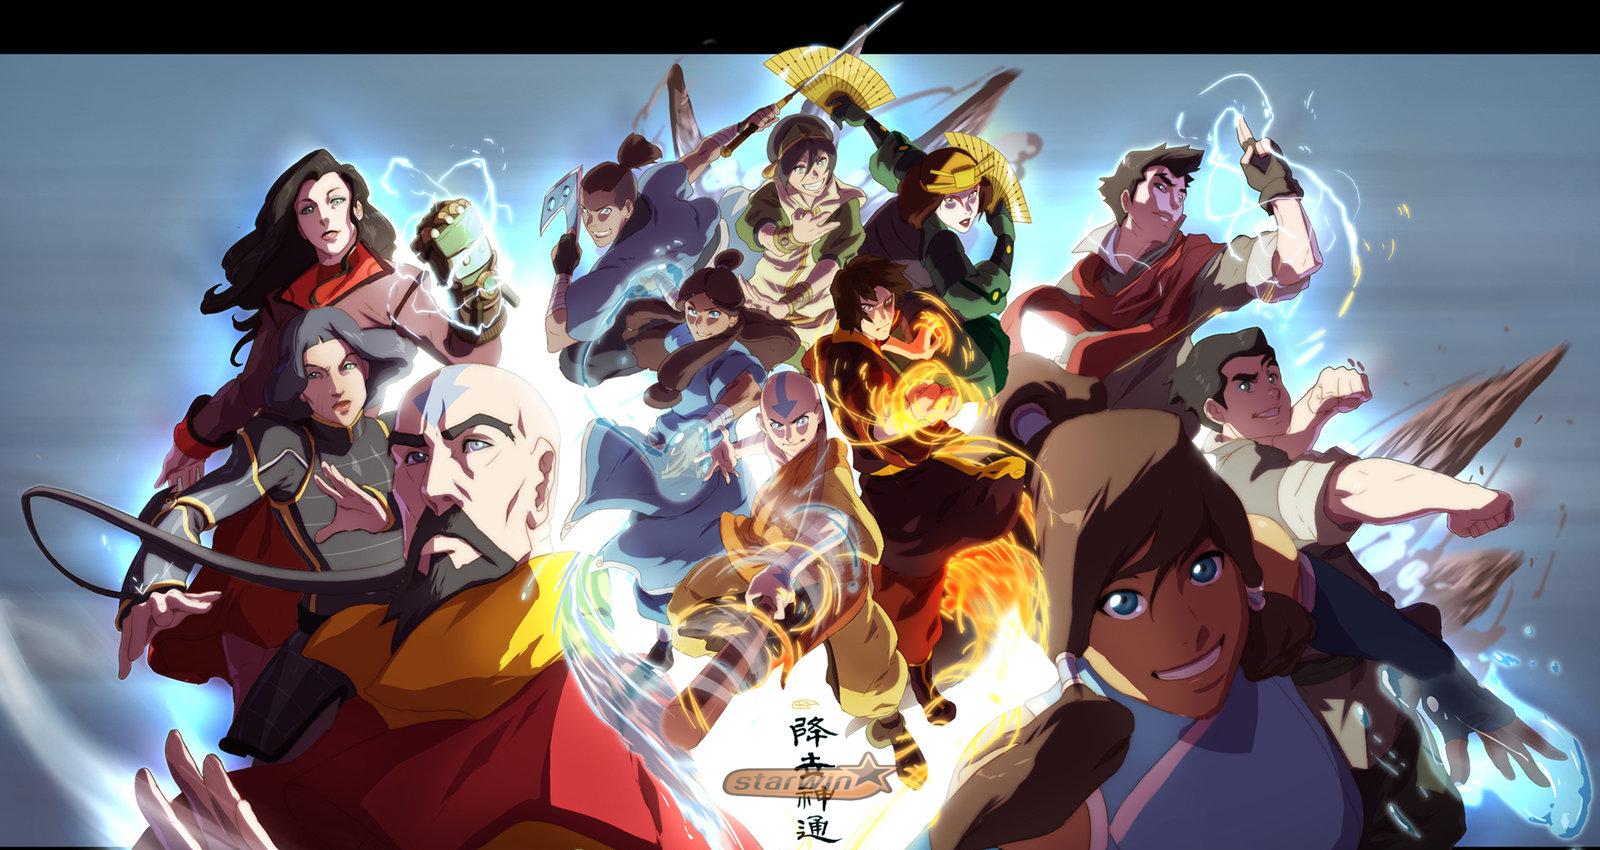 Avatar: La leyenda de Korra libro 3 capitulo 13 sub español/audio latino descarga y online final del libro cambios